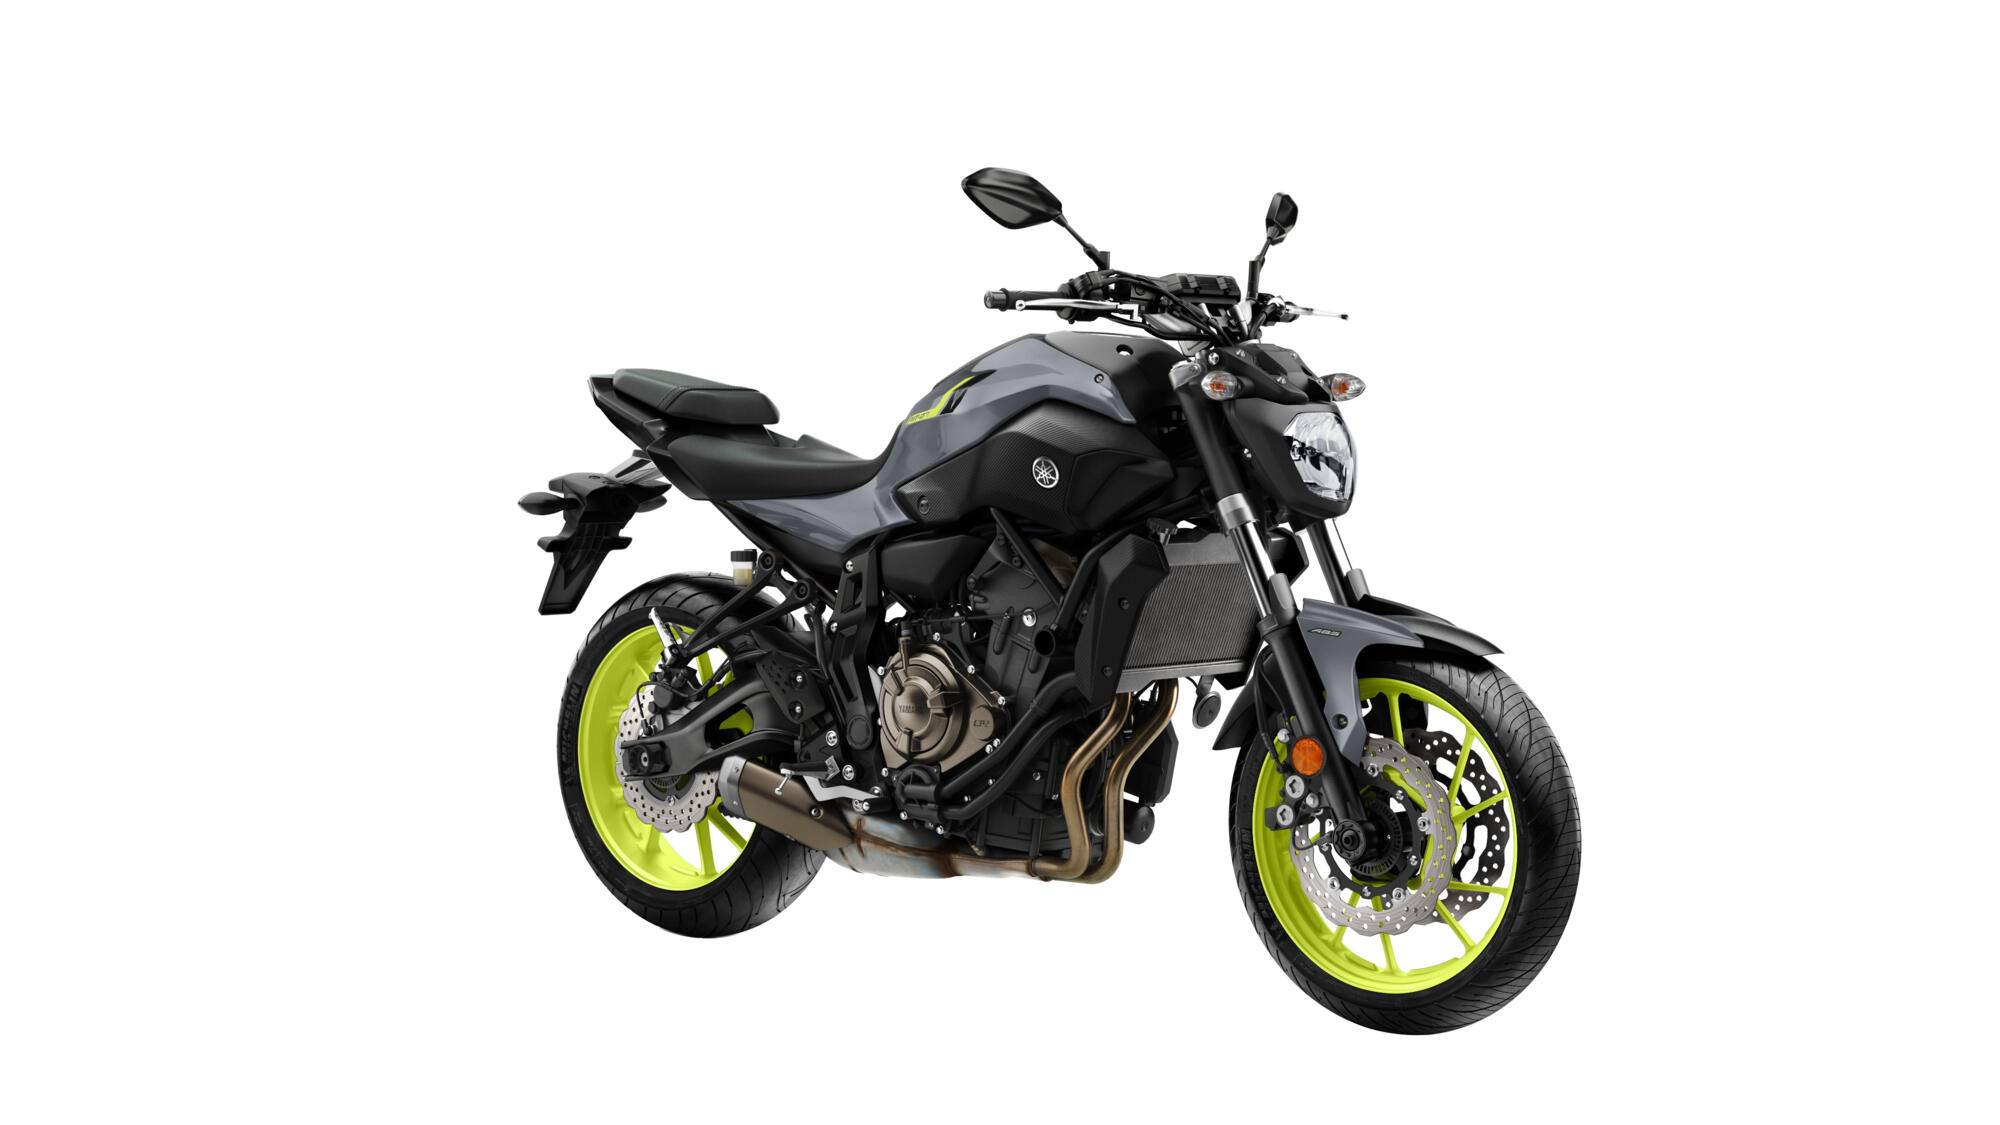 Mt 07 2017 Motorcycles Yme Website Cool Sport Bike Stroke Wiring Diagram